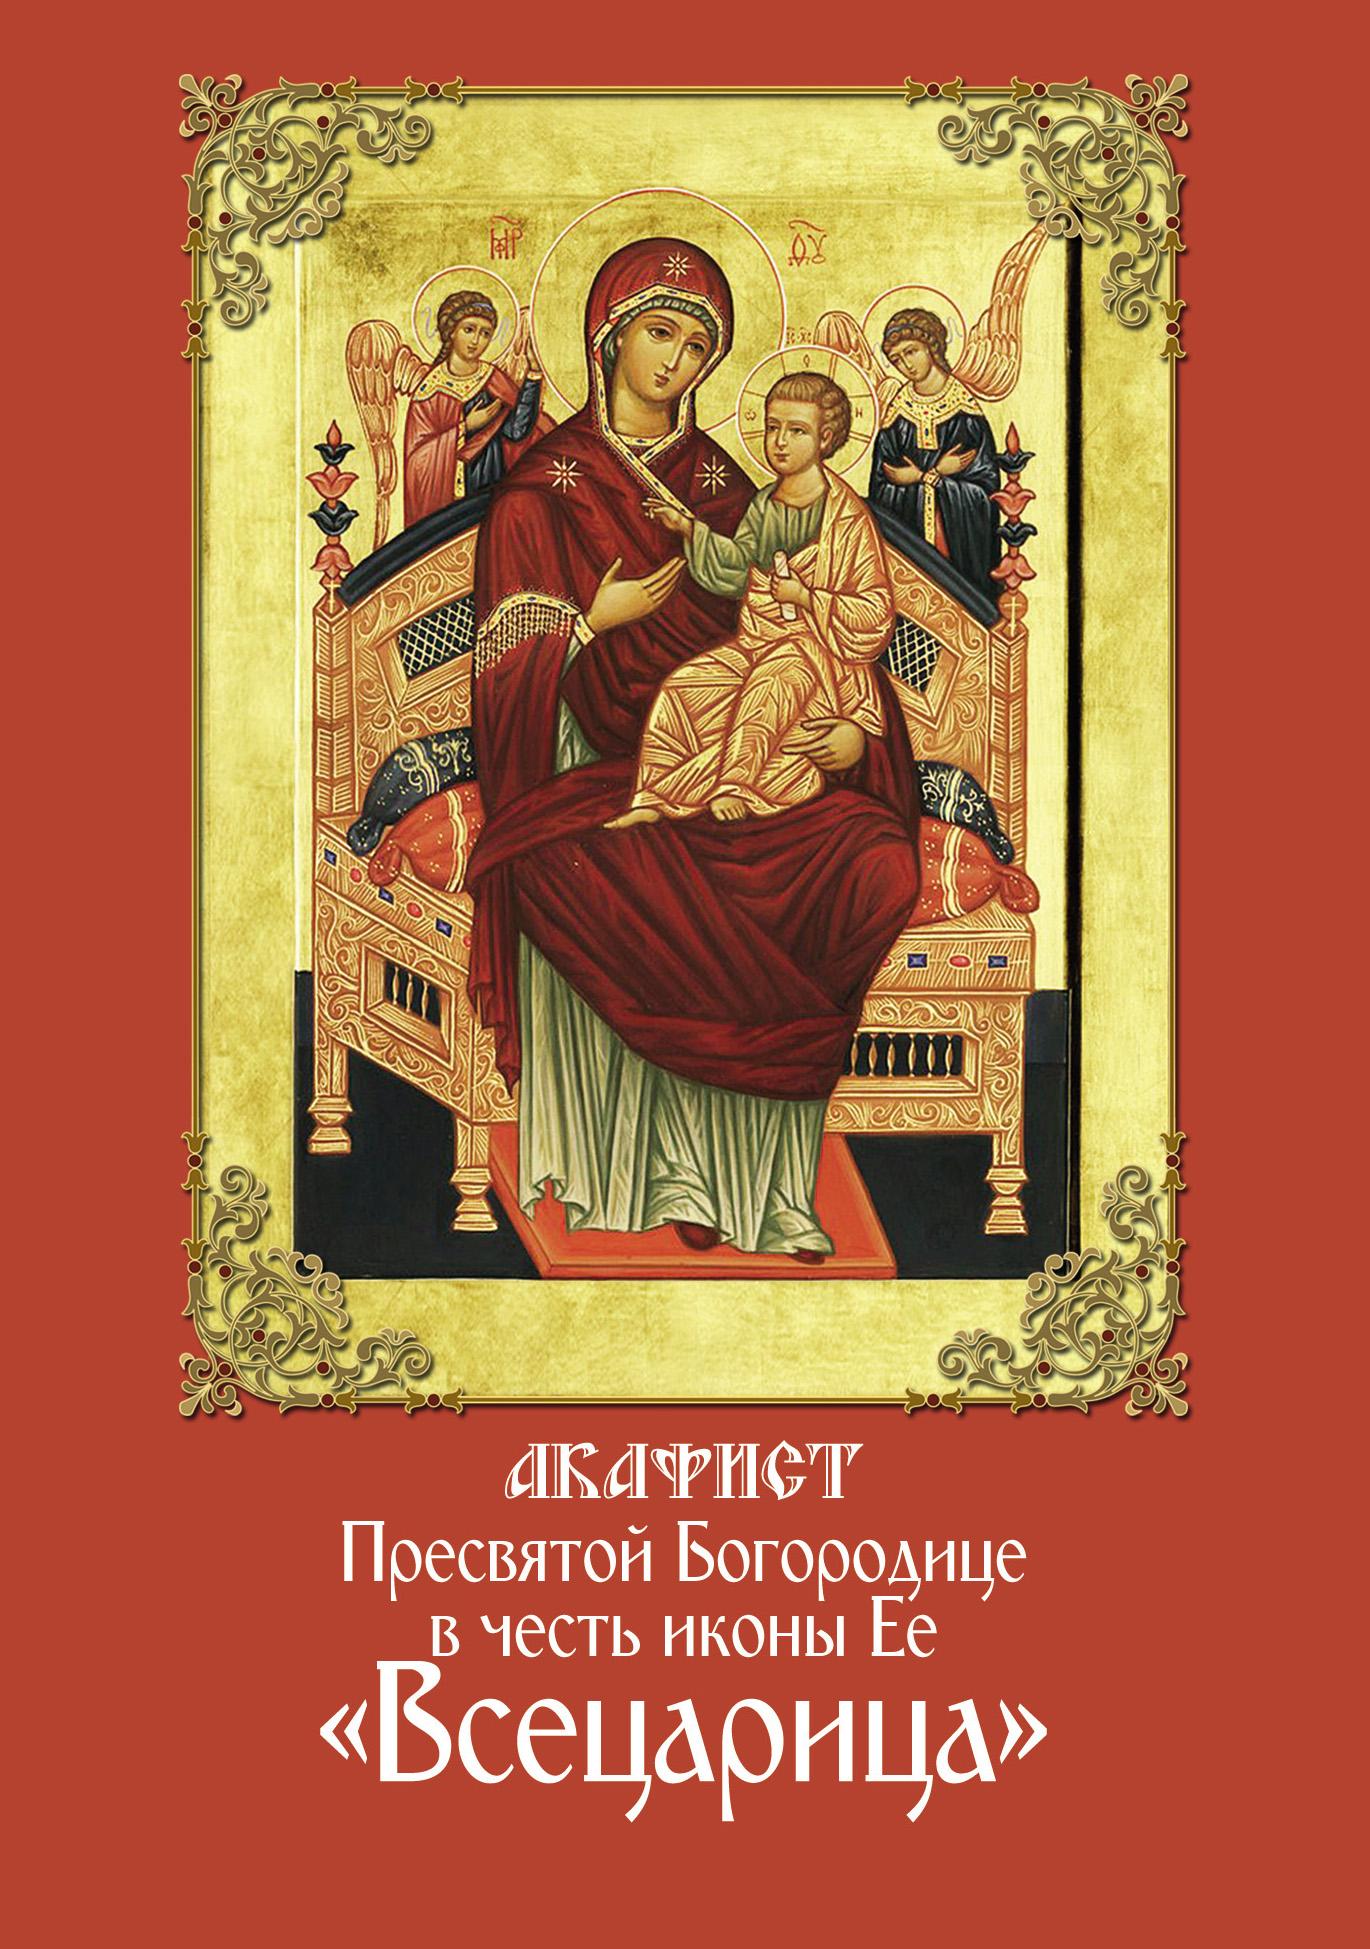 Сборник Акафист Пресвятой Богородице в честь иконы Ее «Всецарица» календарь 2015 чудотворная икона 45501